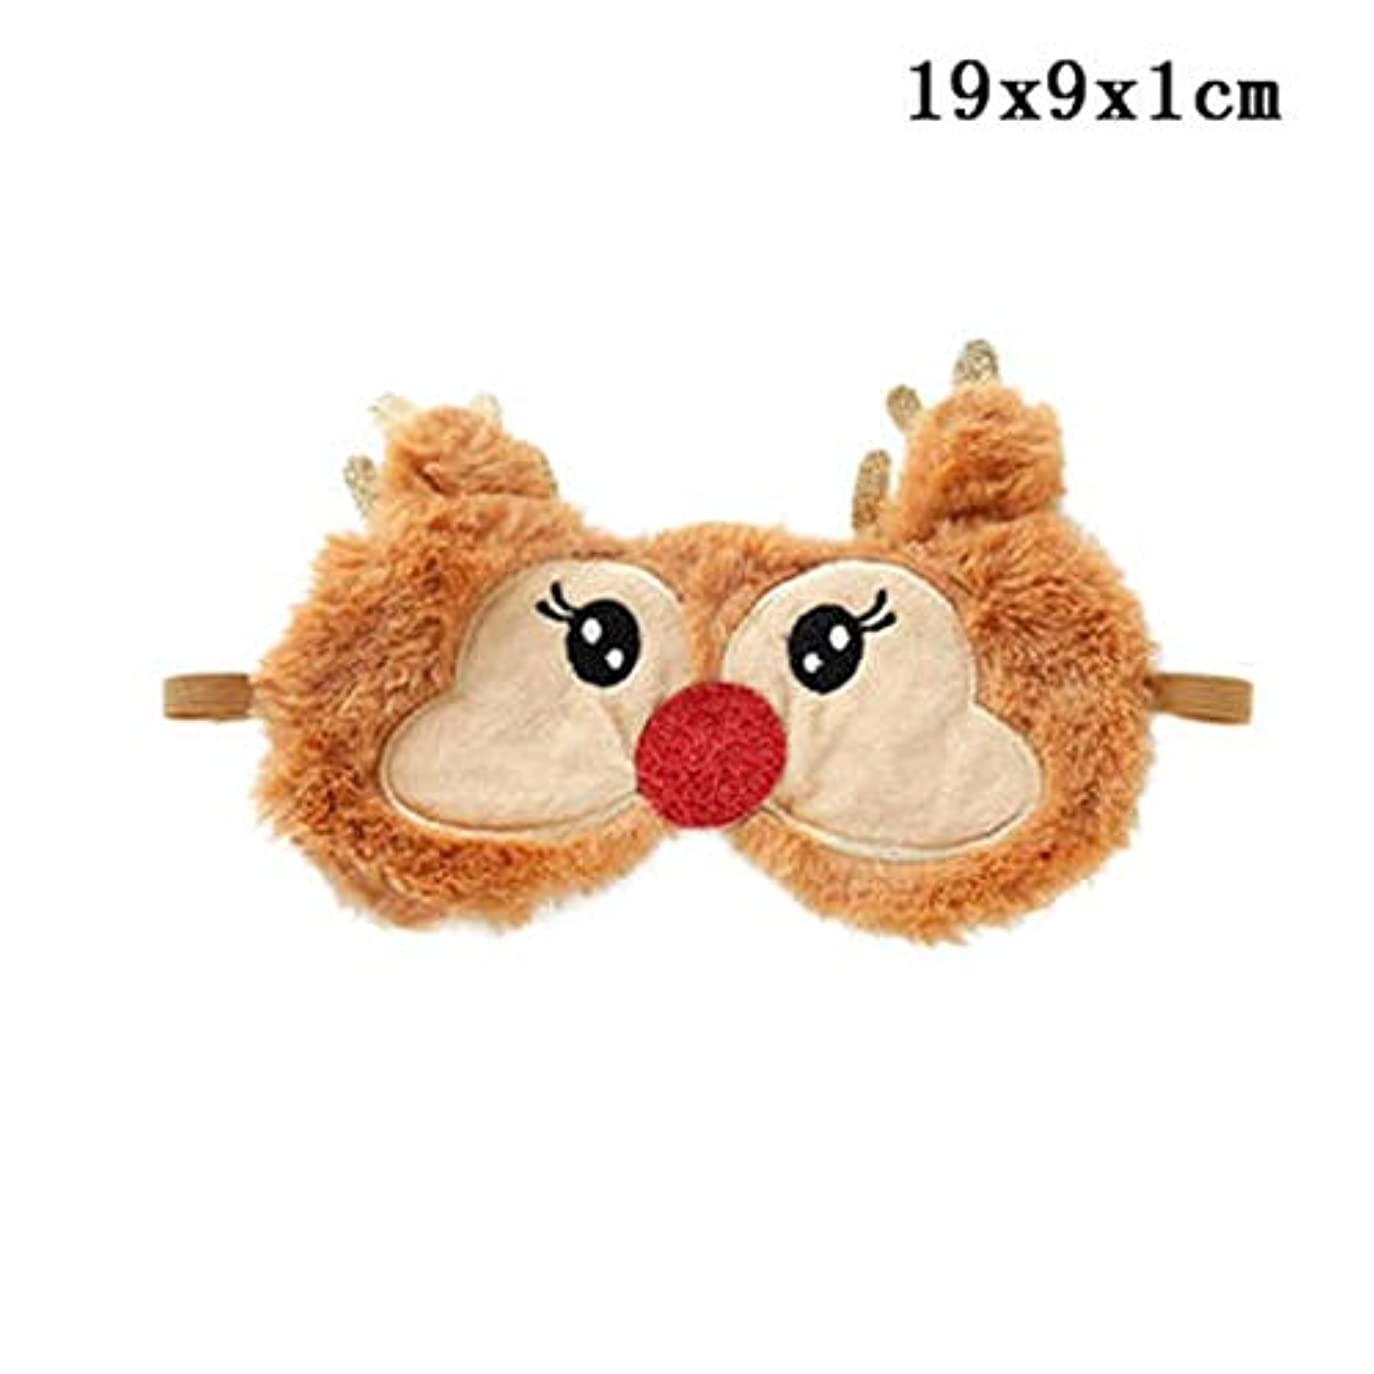 プレミアム偶然のステッチNOTE かわいいアイスクリームユニコーンソフトスリーピングアイカバーマスククリスマス鹿かわいい動物ぬいぐるみ生地用ホーム旅行